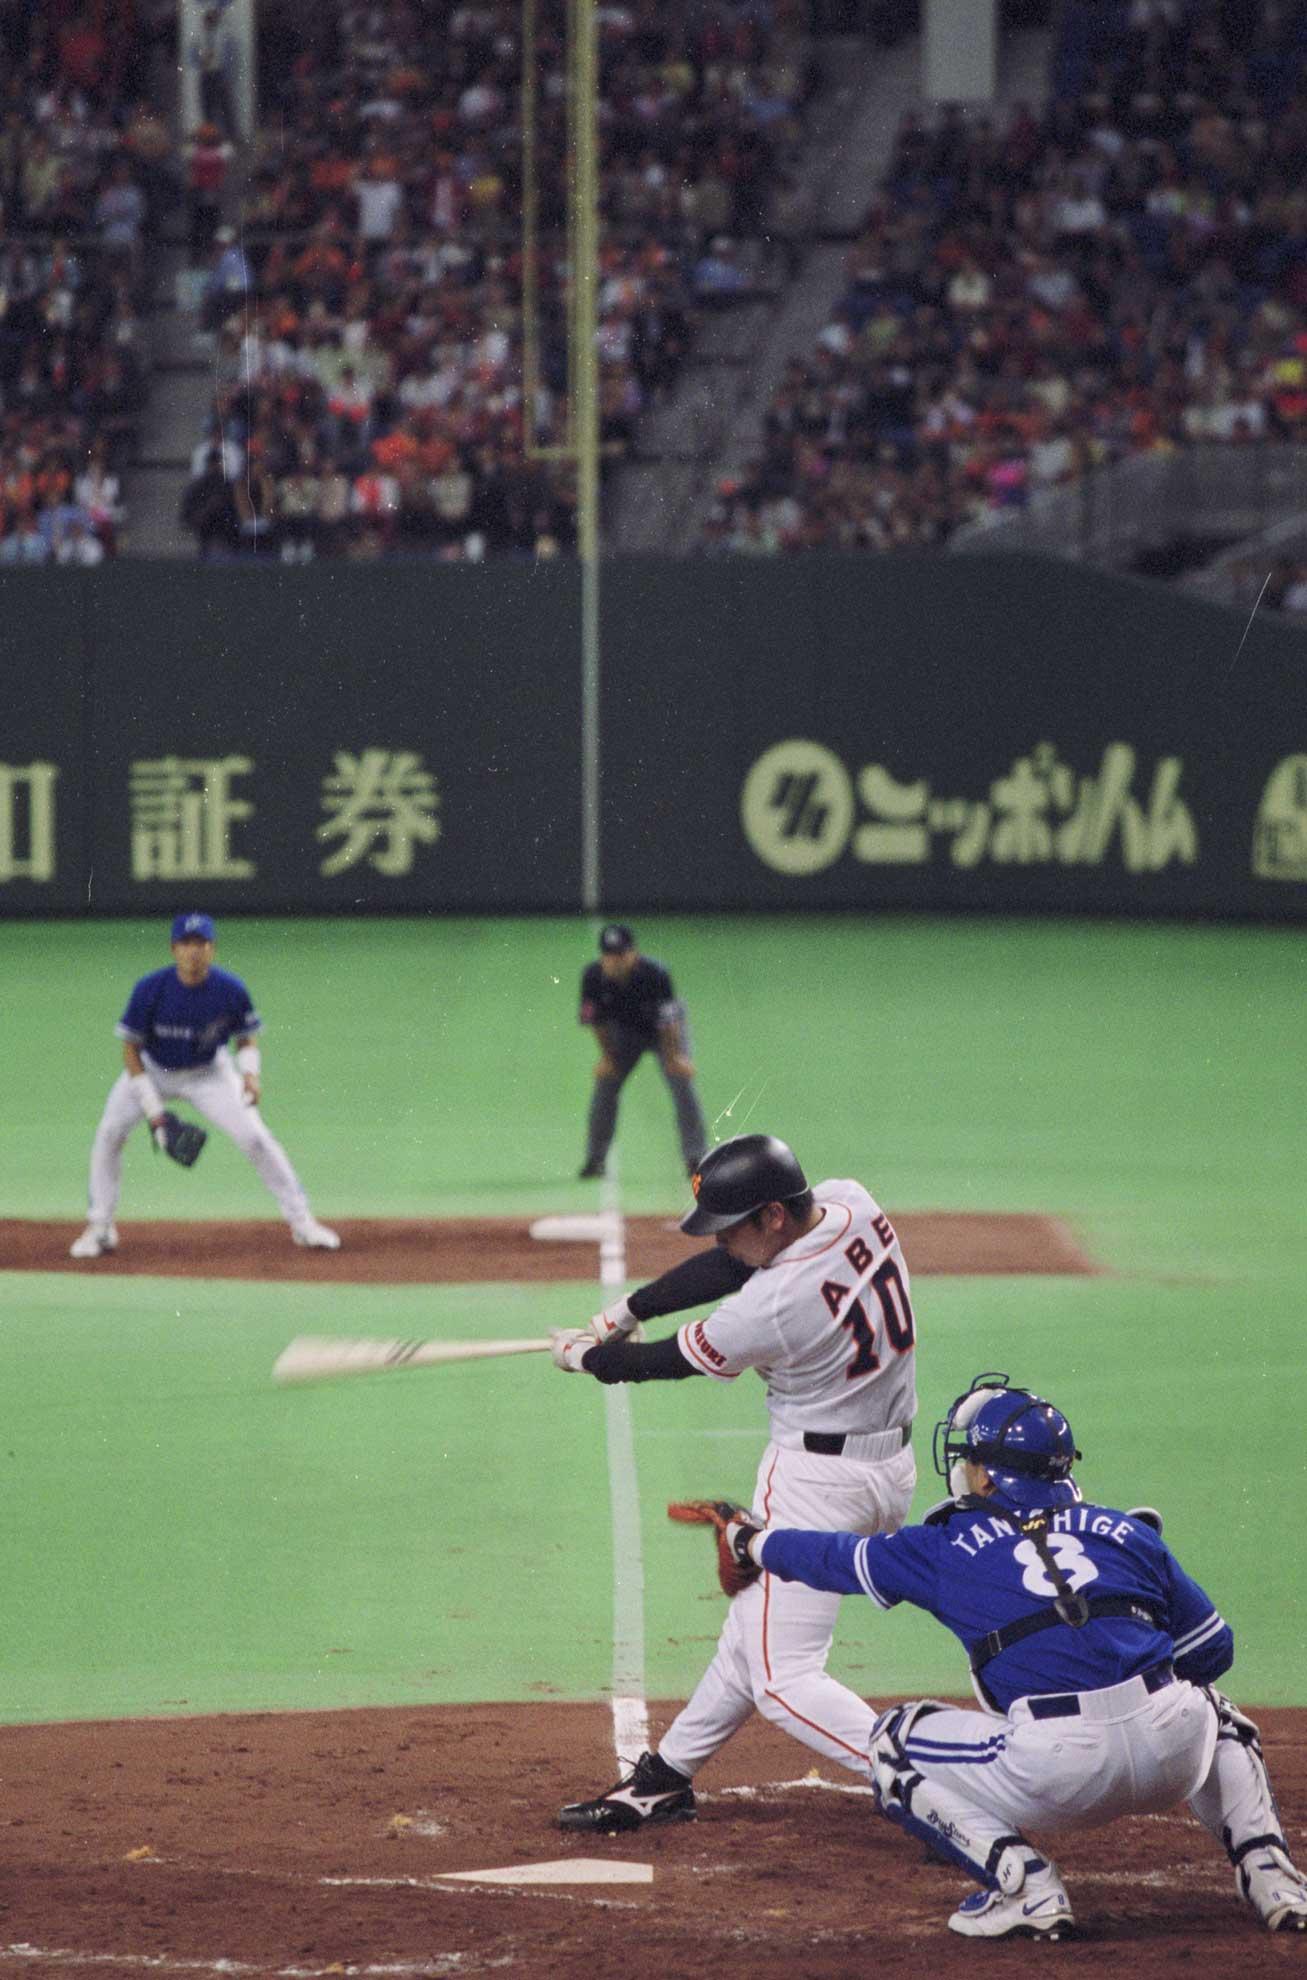 1号 2001年4月13日横浜戦(東京ドーム)